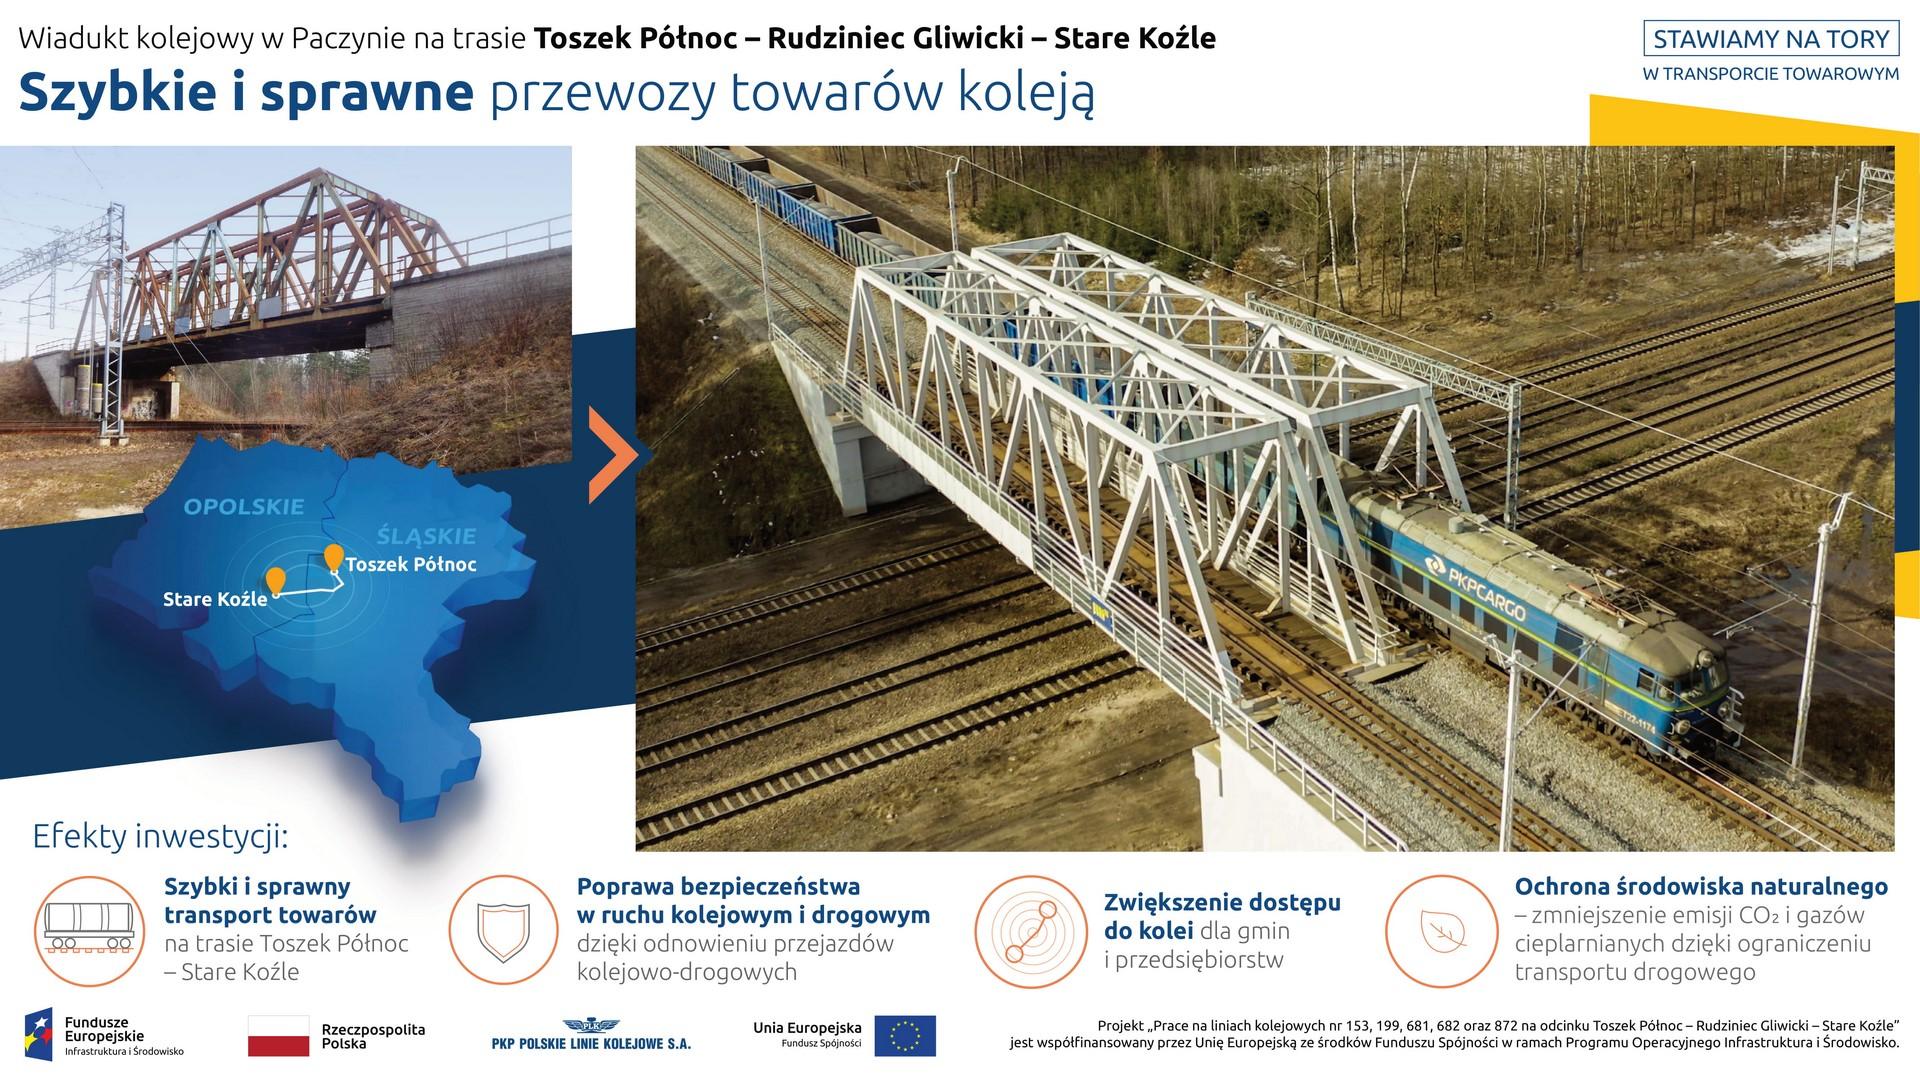 Na infografice prezentowane są dwa zdjęcia. Na pierwszym, mniejszym, z lewej strony, widnieje wiadukt kolejowy w Paczynie przed rozpoczęciem inwestycji. Pod fotografią znajduje się grafika – mapka z sąsiadującymi ze sobą województwami śląskim i opolskim oraz zaznaczoną trasą kolejową z Toszek Północ do Stare Koźle. Natomiast z prawej strony infografiki widnieje zdjęcie wiaduktu przebudowie, a na nim przejeżdżający pociąg towarowy. Pod niżej prezentowane są korzyści wynikające z realizacji projektu: szybki i sprawny transport towarów, poprawa bezpieczeństwa w ruchu kolejowym i drogowym, zwiększenie dostępu do kolei oraz ochrona środowiska naturalnego.